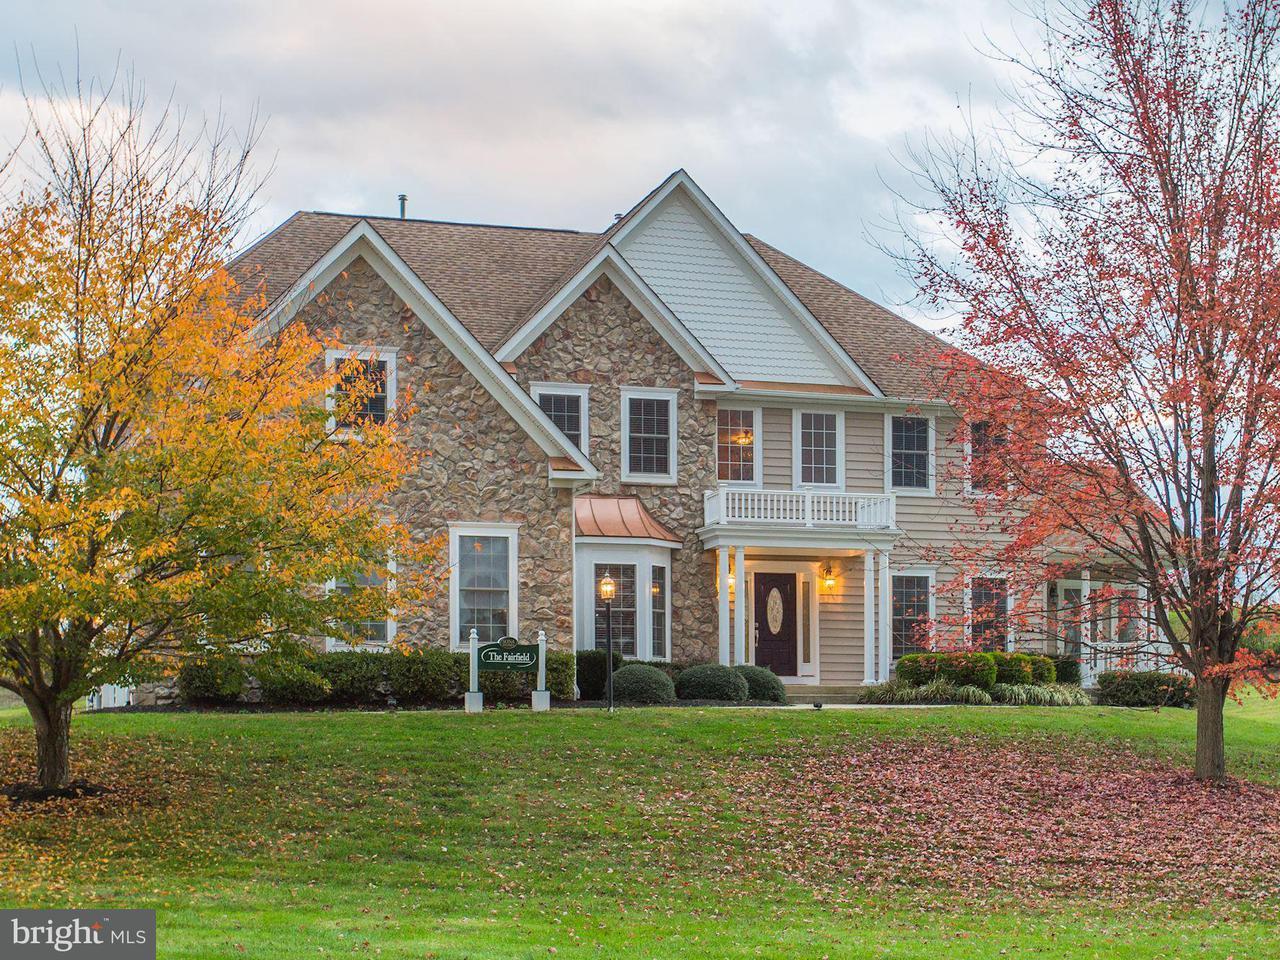 단독 가정 주택 용 매매 에 10314 LIMESTONE Avenue 10314 LIMESTONE Avenue Culpeper, 버지니아 22701 미국